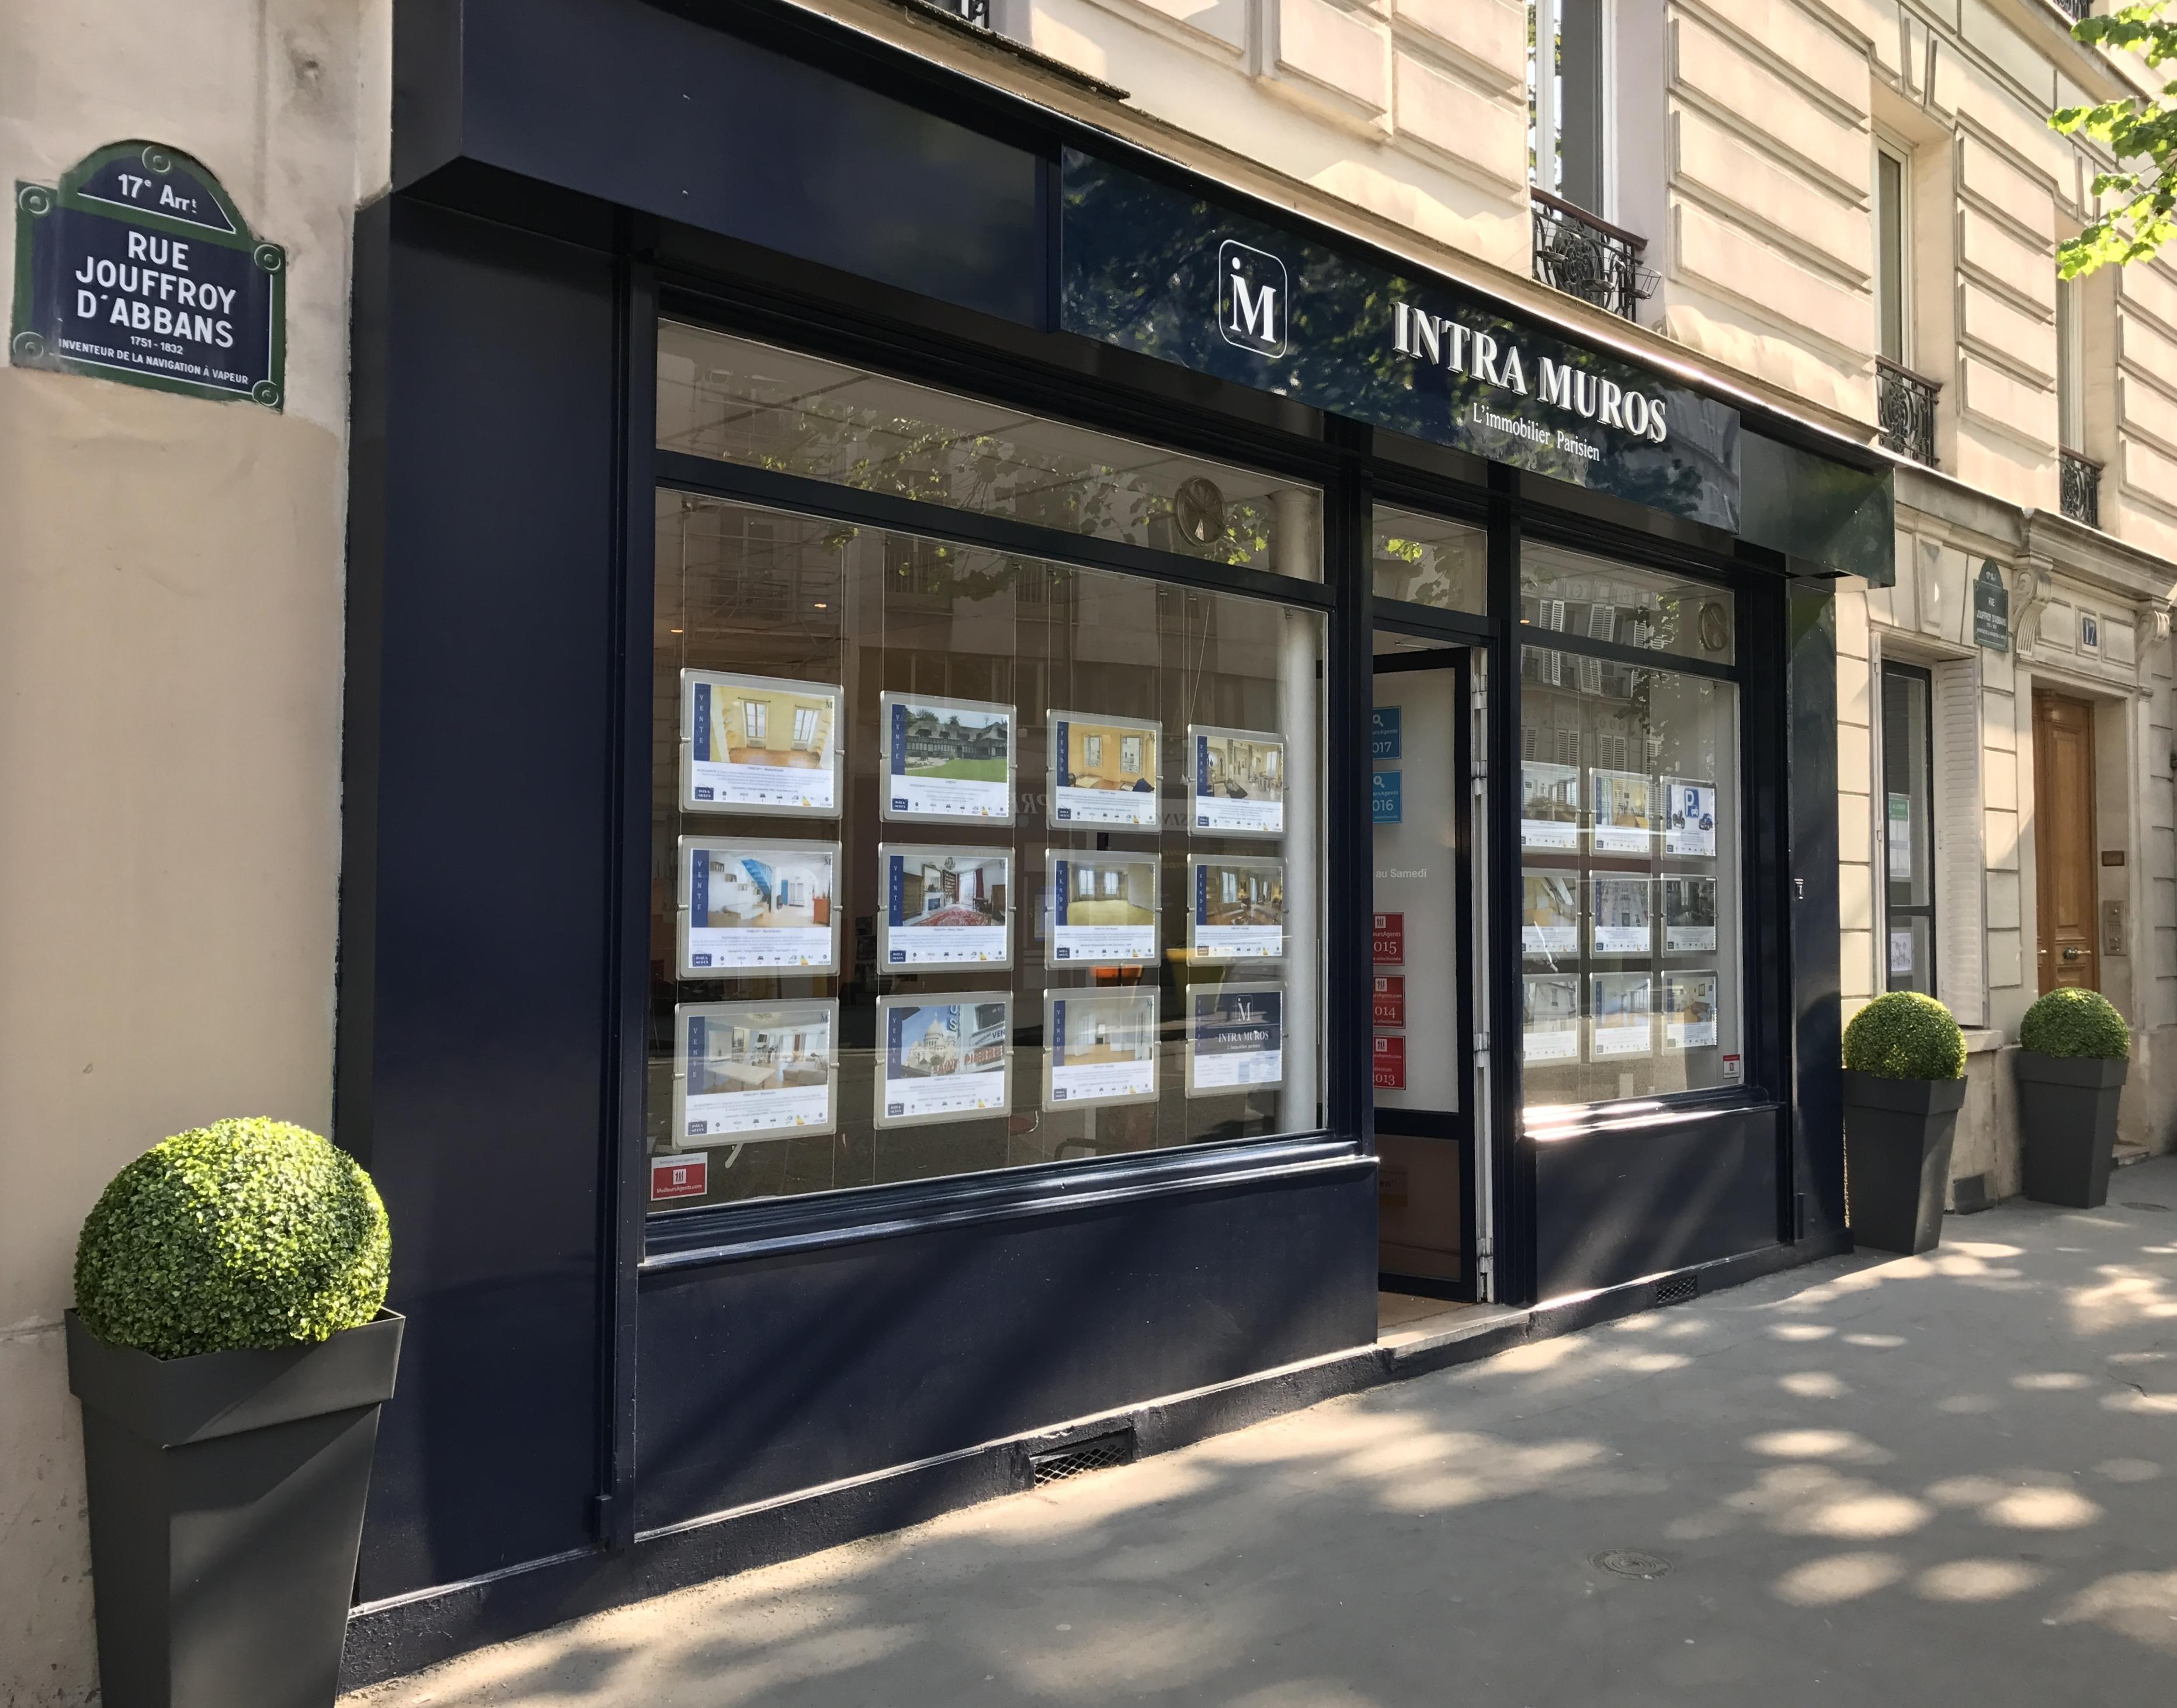 Agence Immobilière INTRA MUROS, L'immobilier Parisien - 17, rue Jouffroy d'Abbans 75017 PARIS - IMMOBILIERE PARIS 17 - 01 75 43 18 90